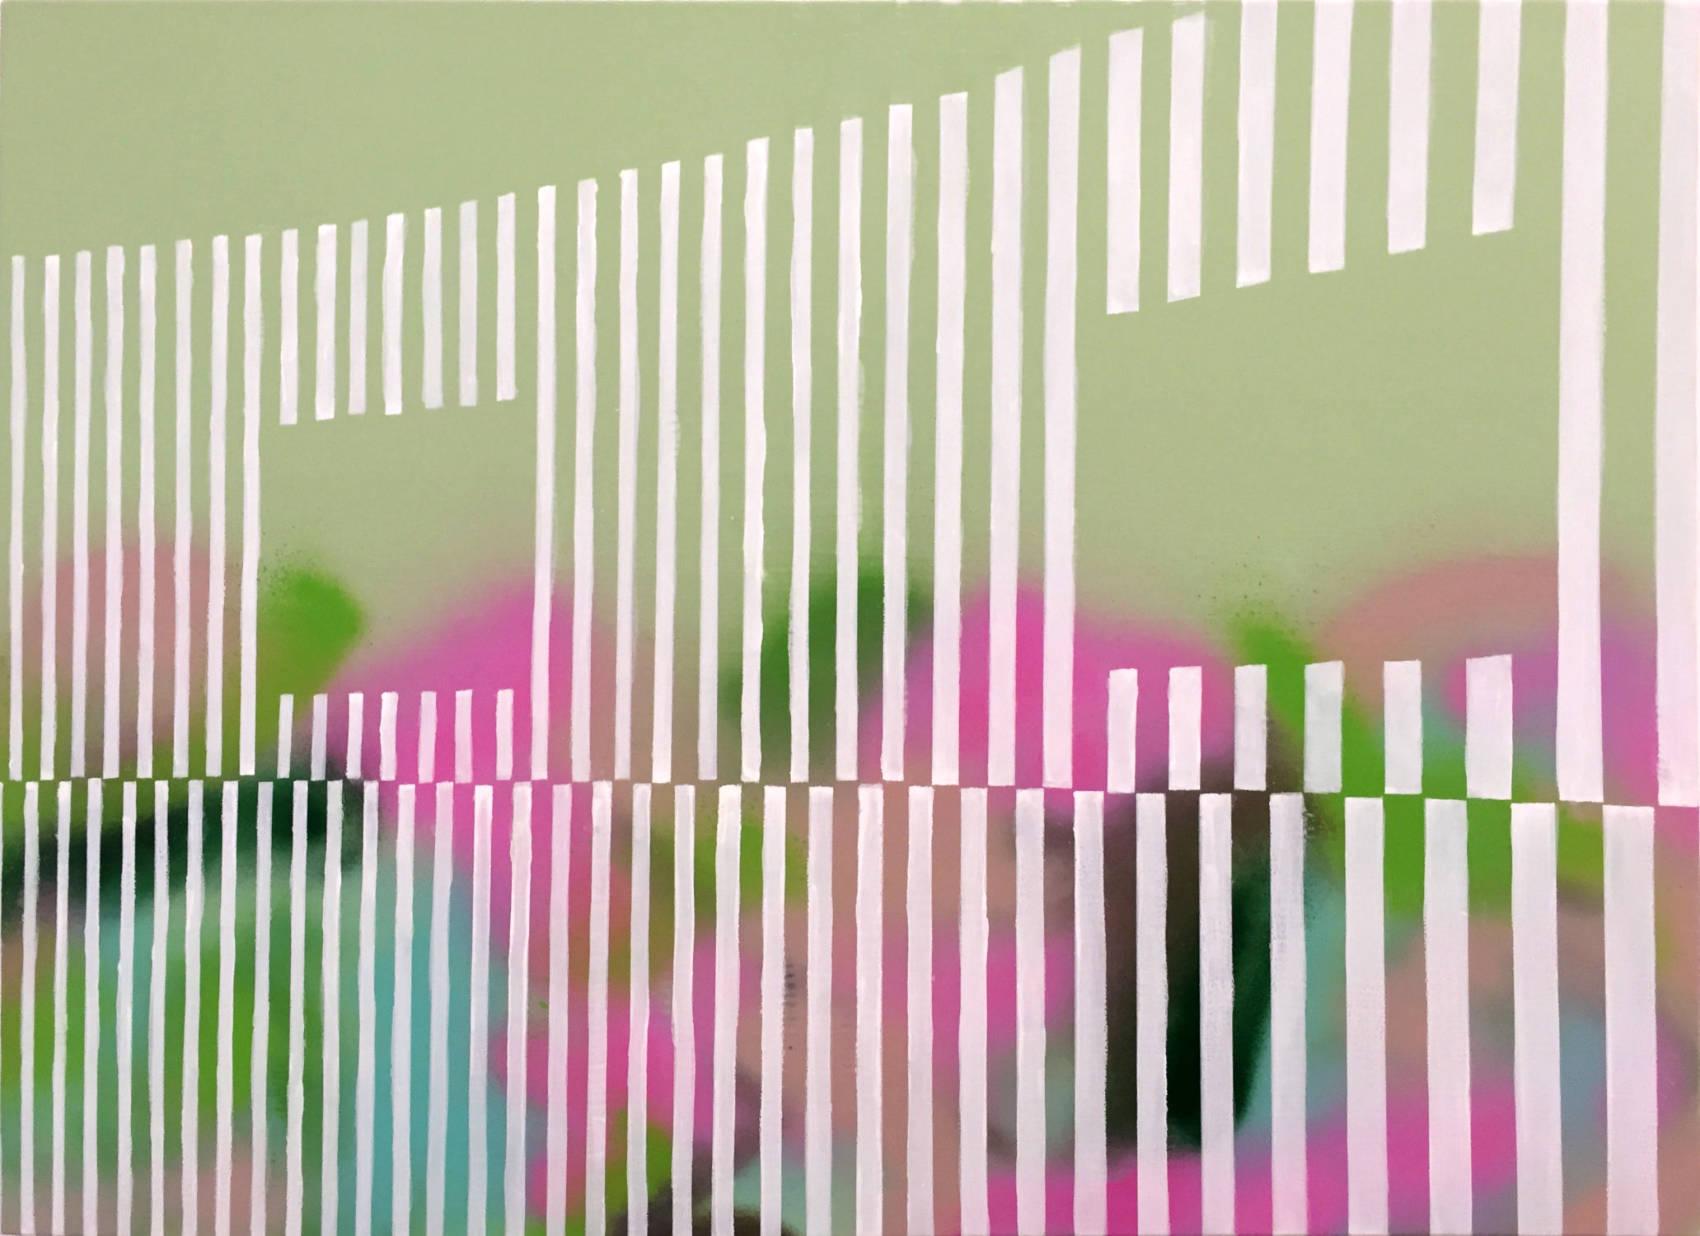 Landscape data mapping 3, 2018, Peinture acrylique sur bois, 50 x 70 cm